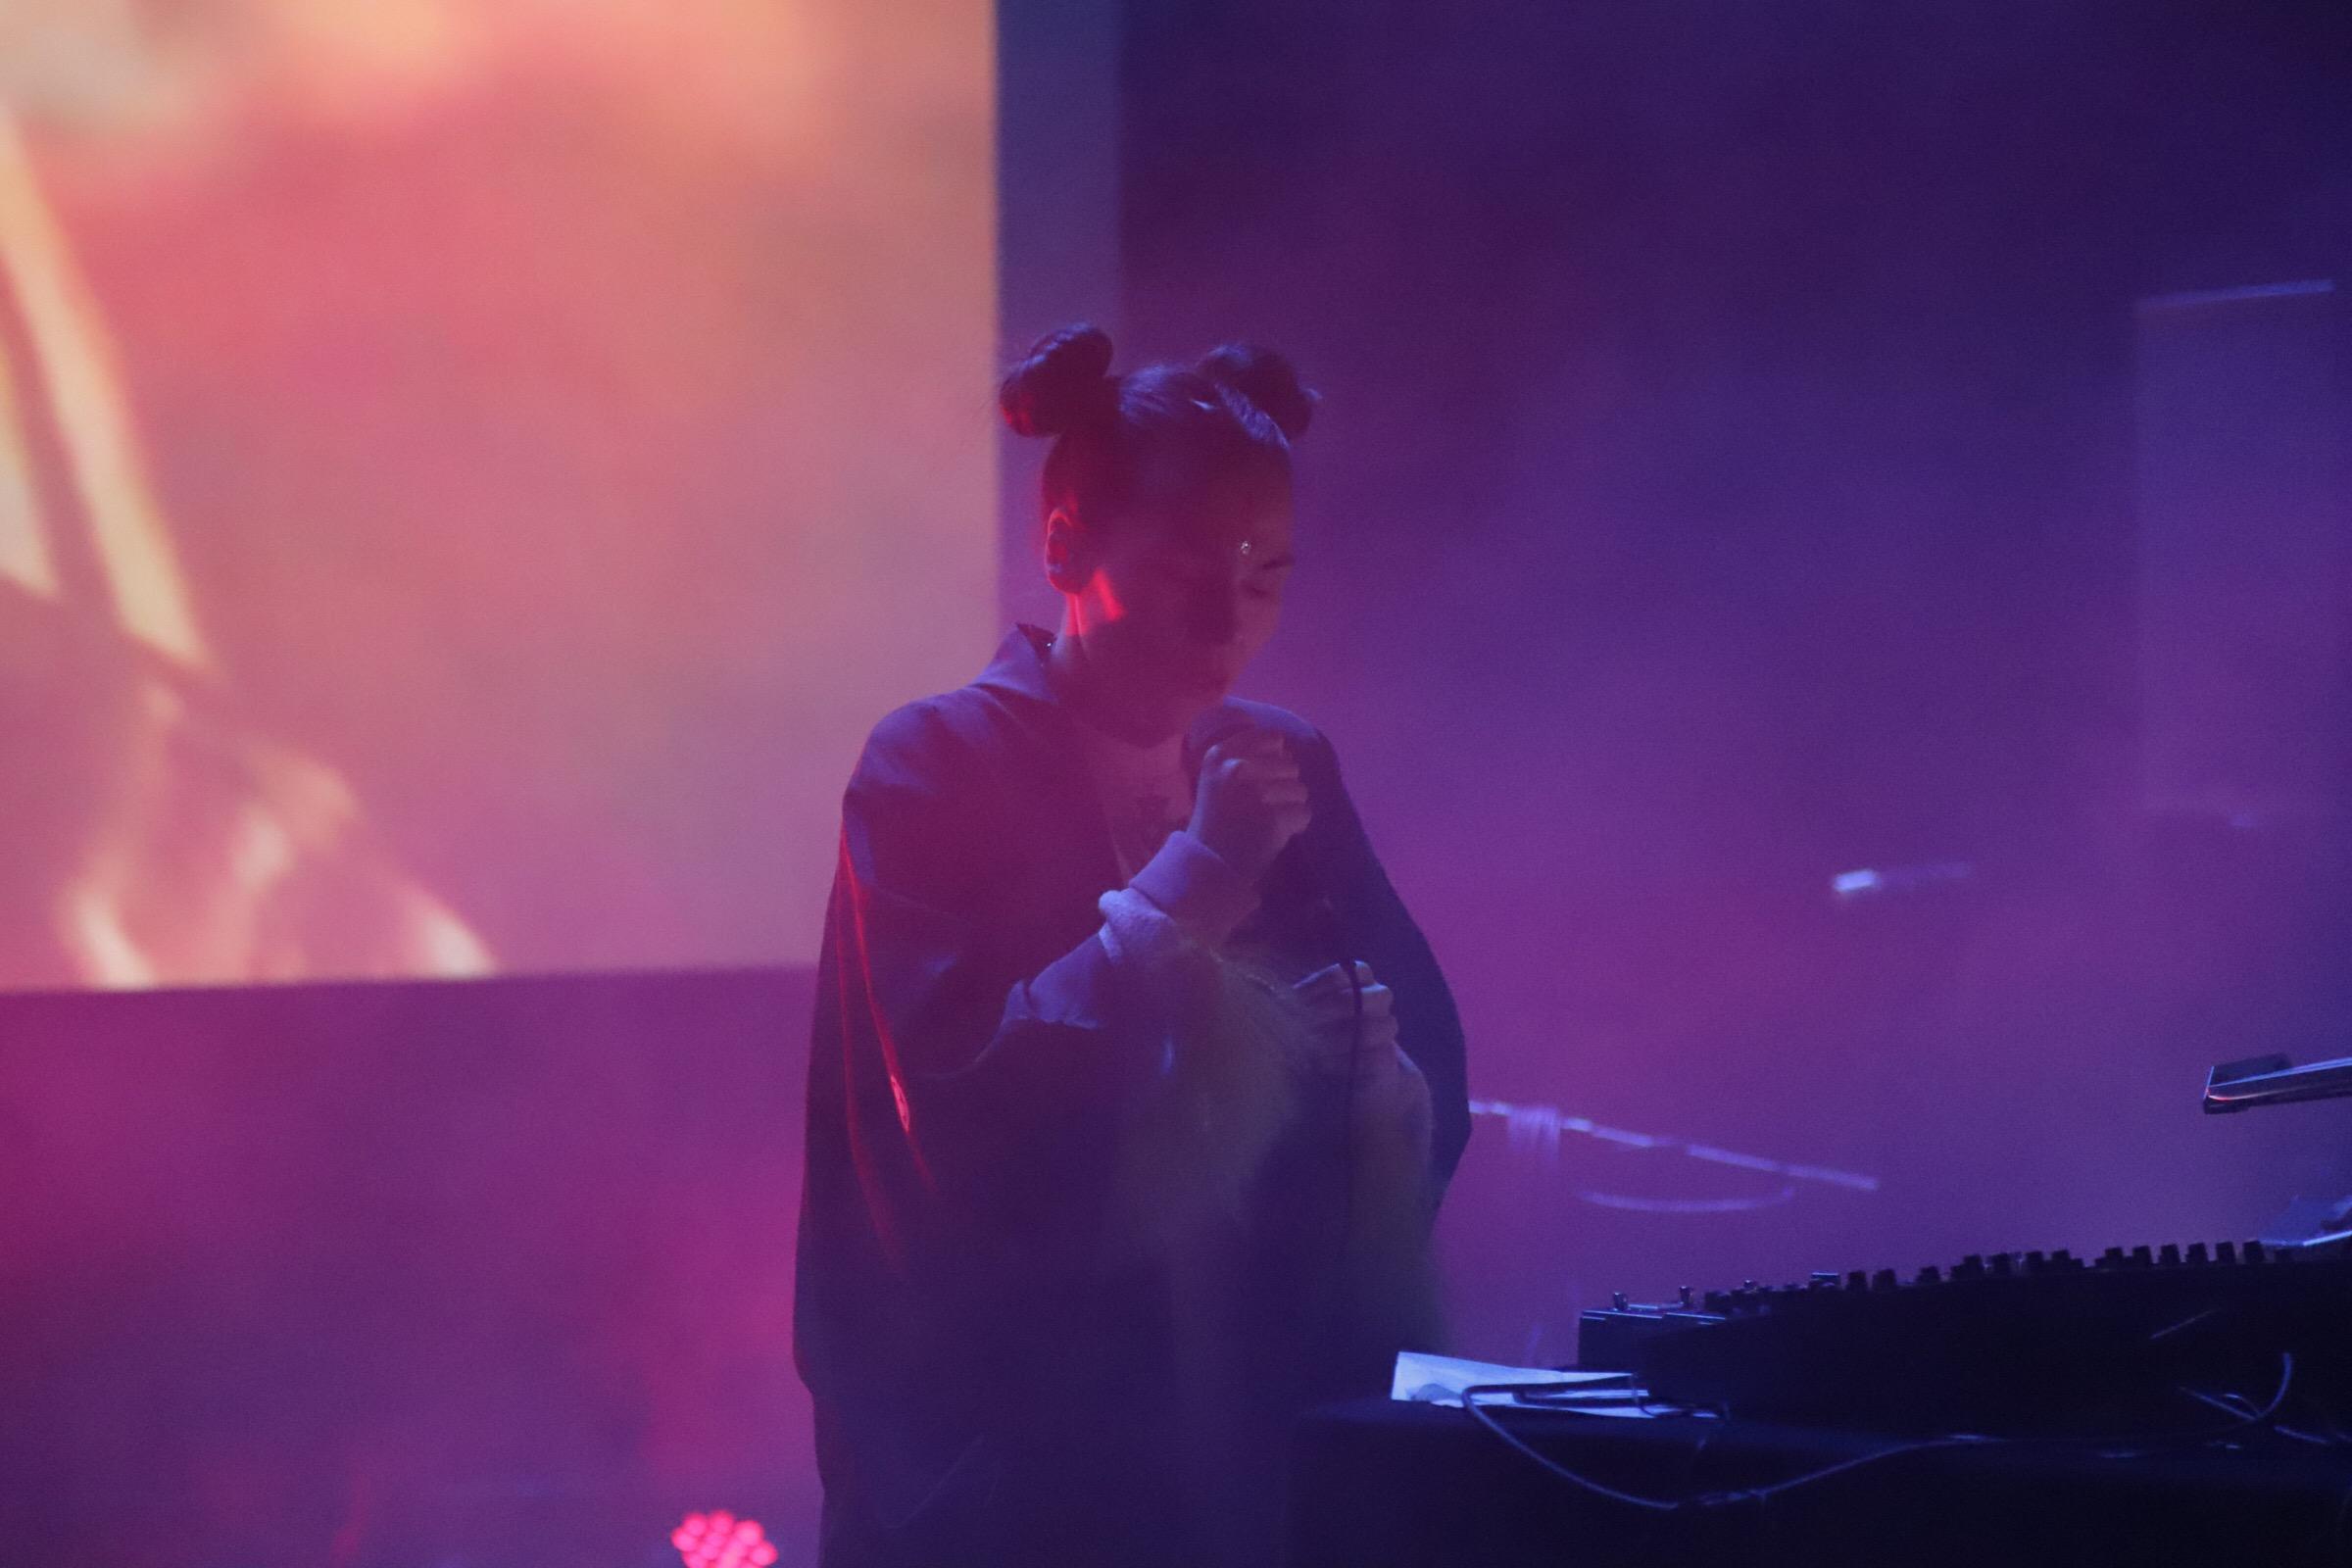 LIVE/180505-mira-festival-berlin-2018-forest-swords-aisha-devi-yves-tumor/AISHA_DEVI_Live_V_Xarlene_4.JPG